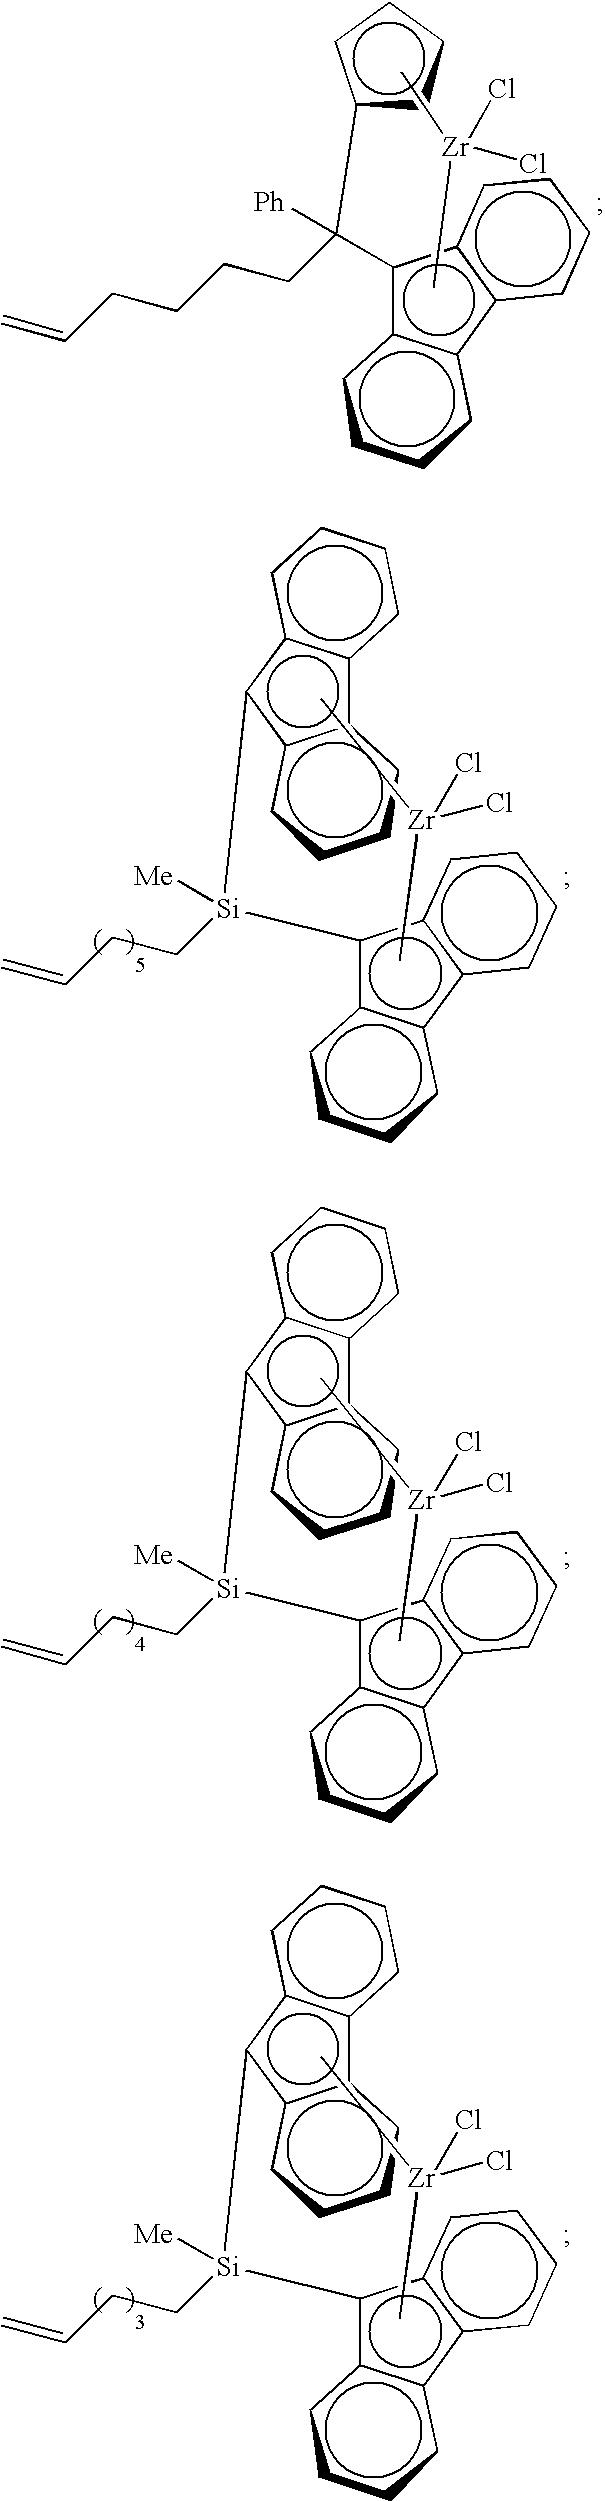 Figure US20050288461A1-20051229-C00013